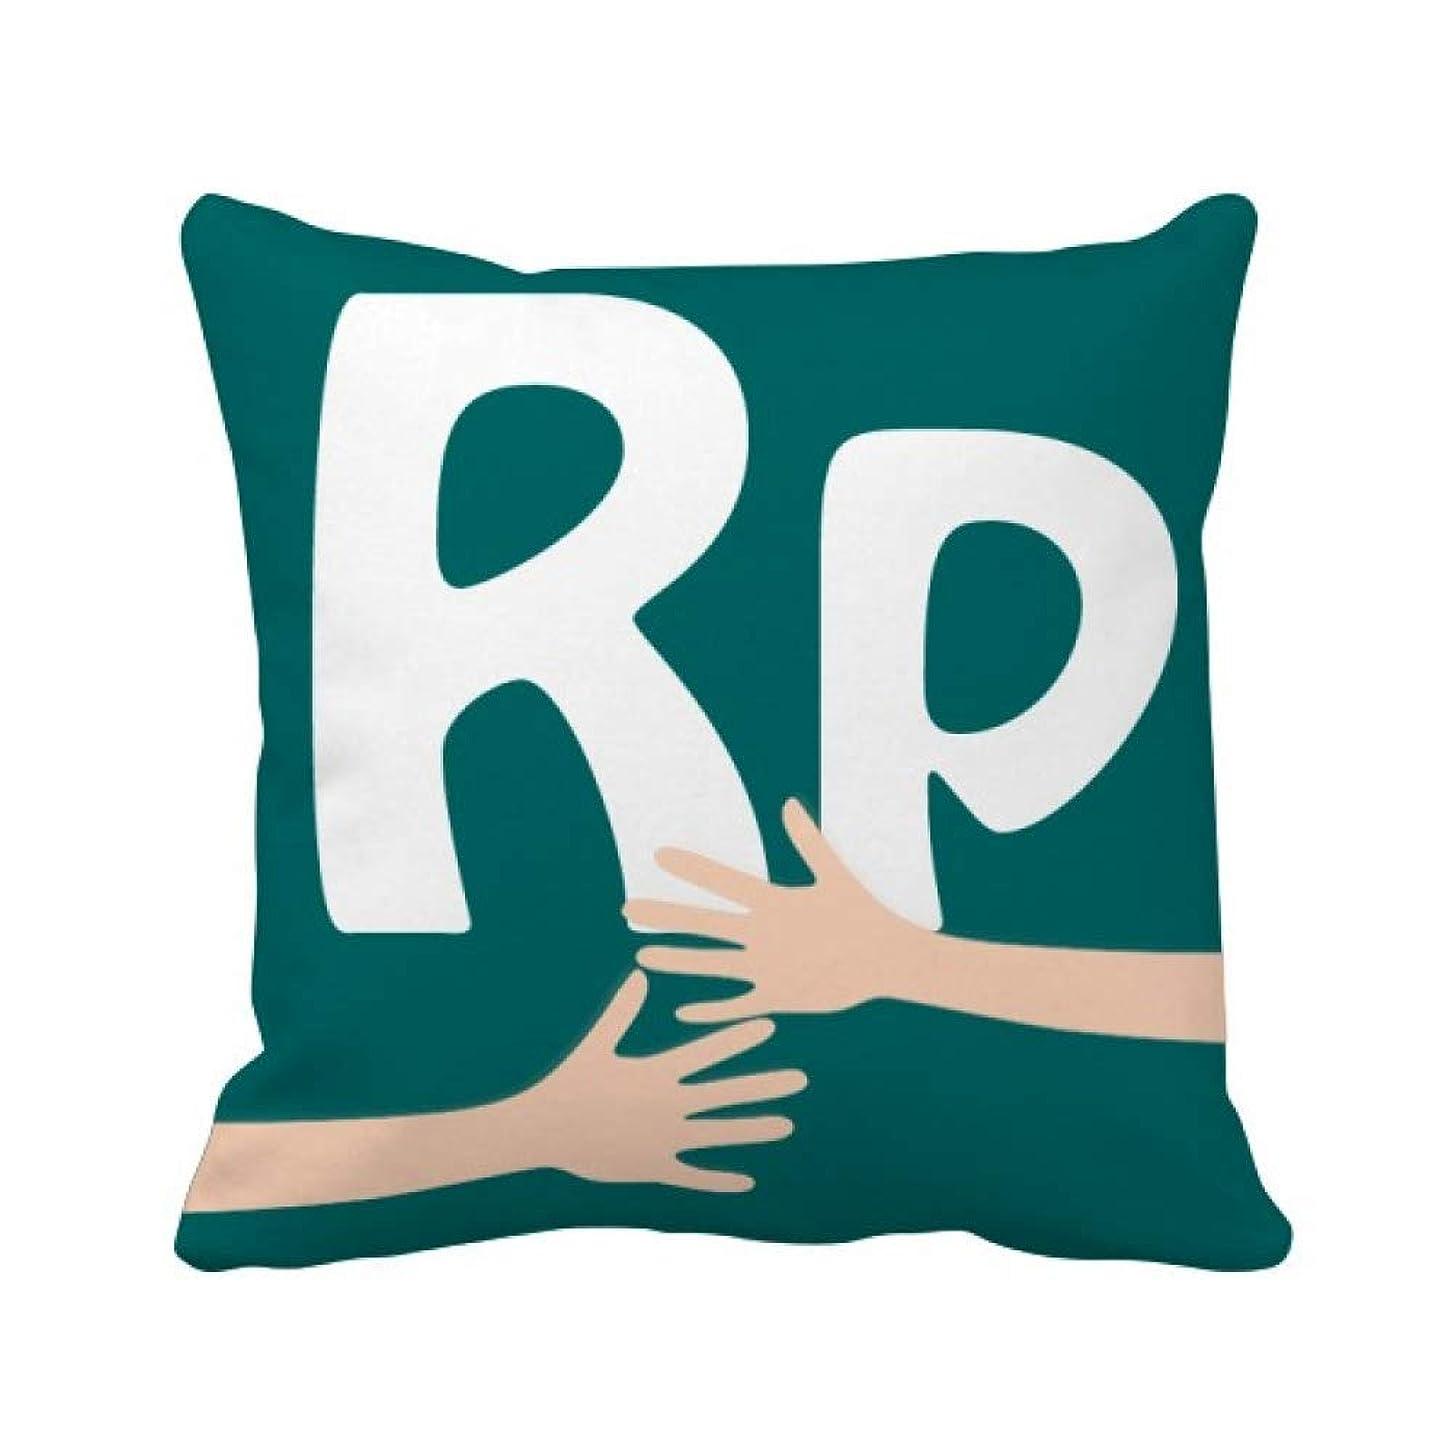 カリキュラム不幸トリップインドネシア通貨記号 枕カバーを放り投げてハグスクエア 50cm x 50cm